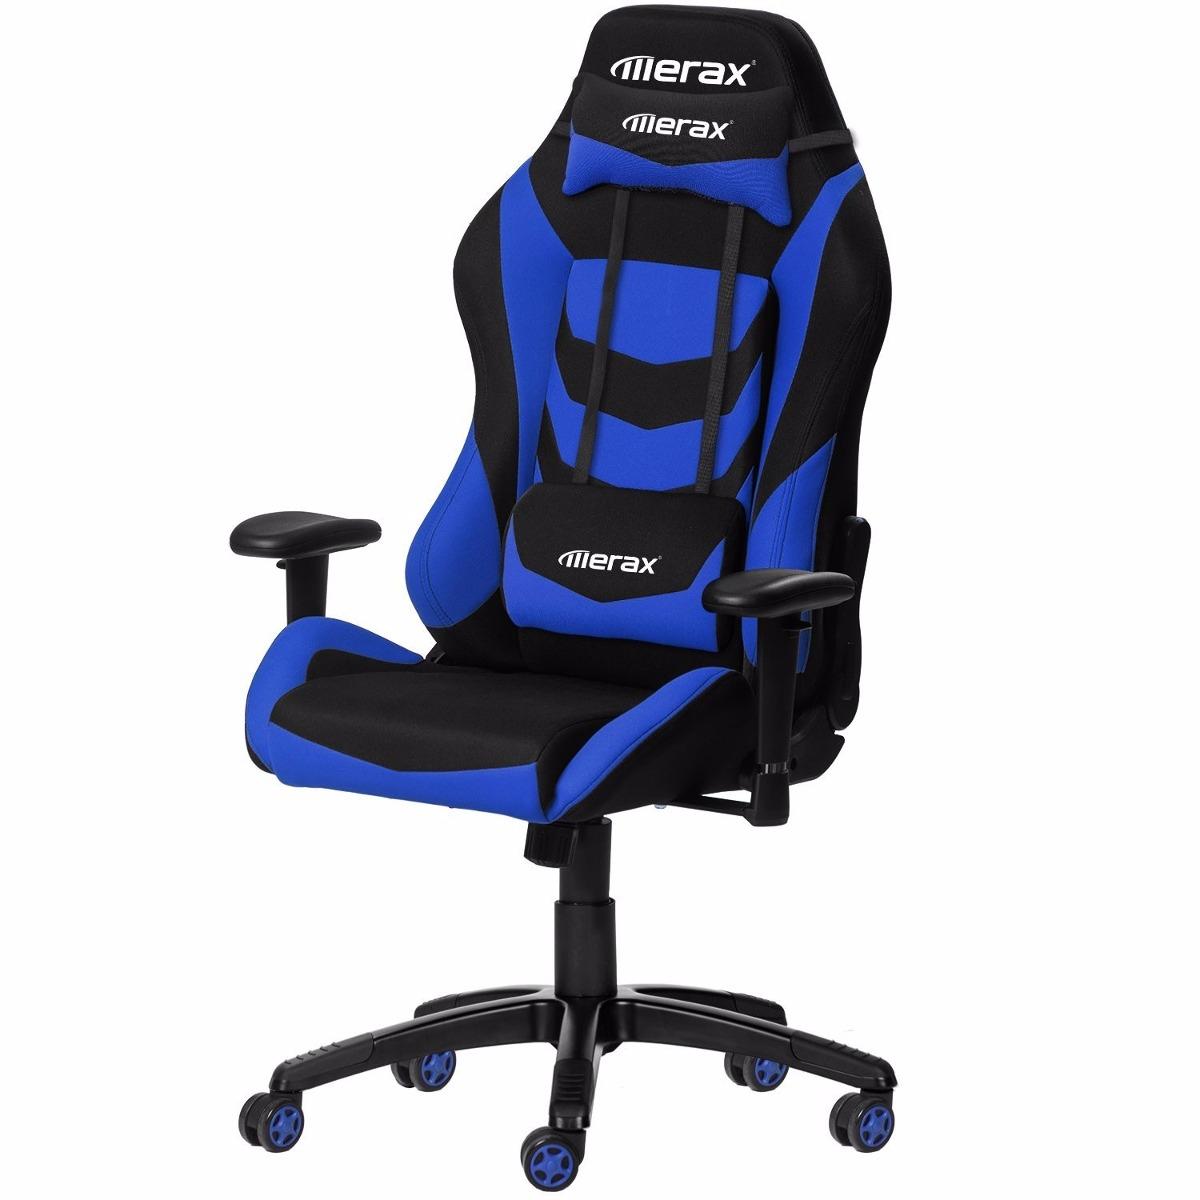 Estilo racing merax silla de oficina juegos azul 6 399 for Silla de oficina racing